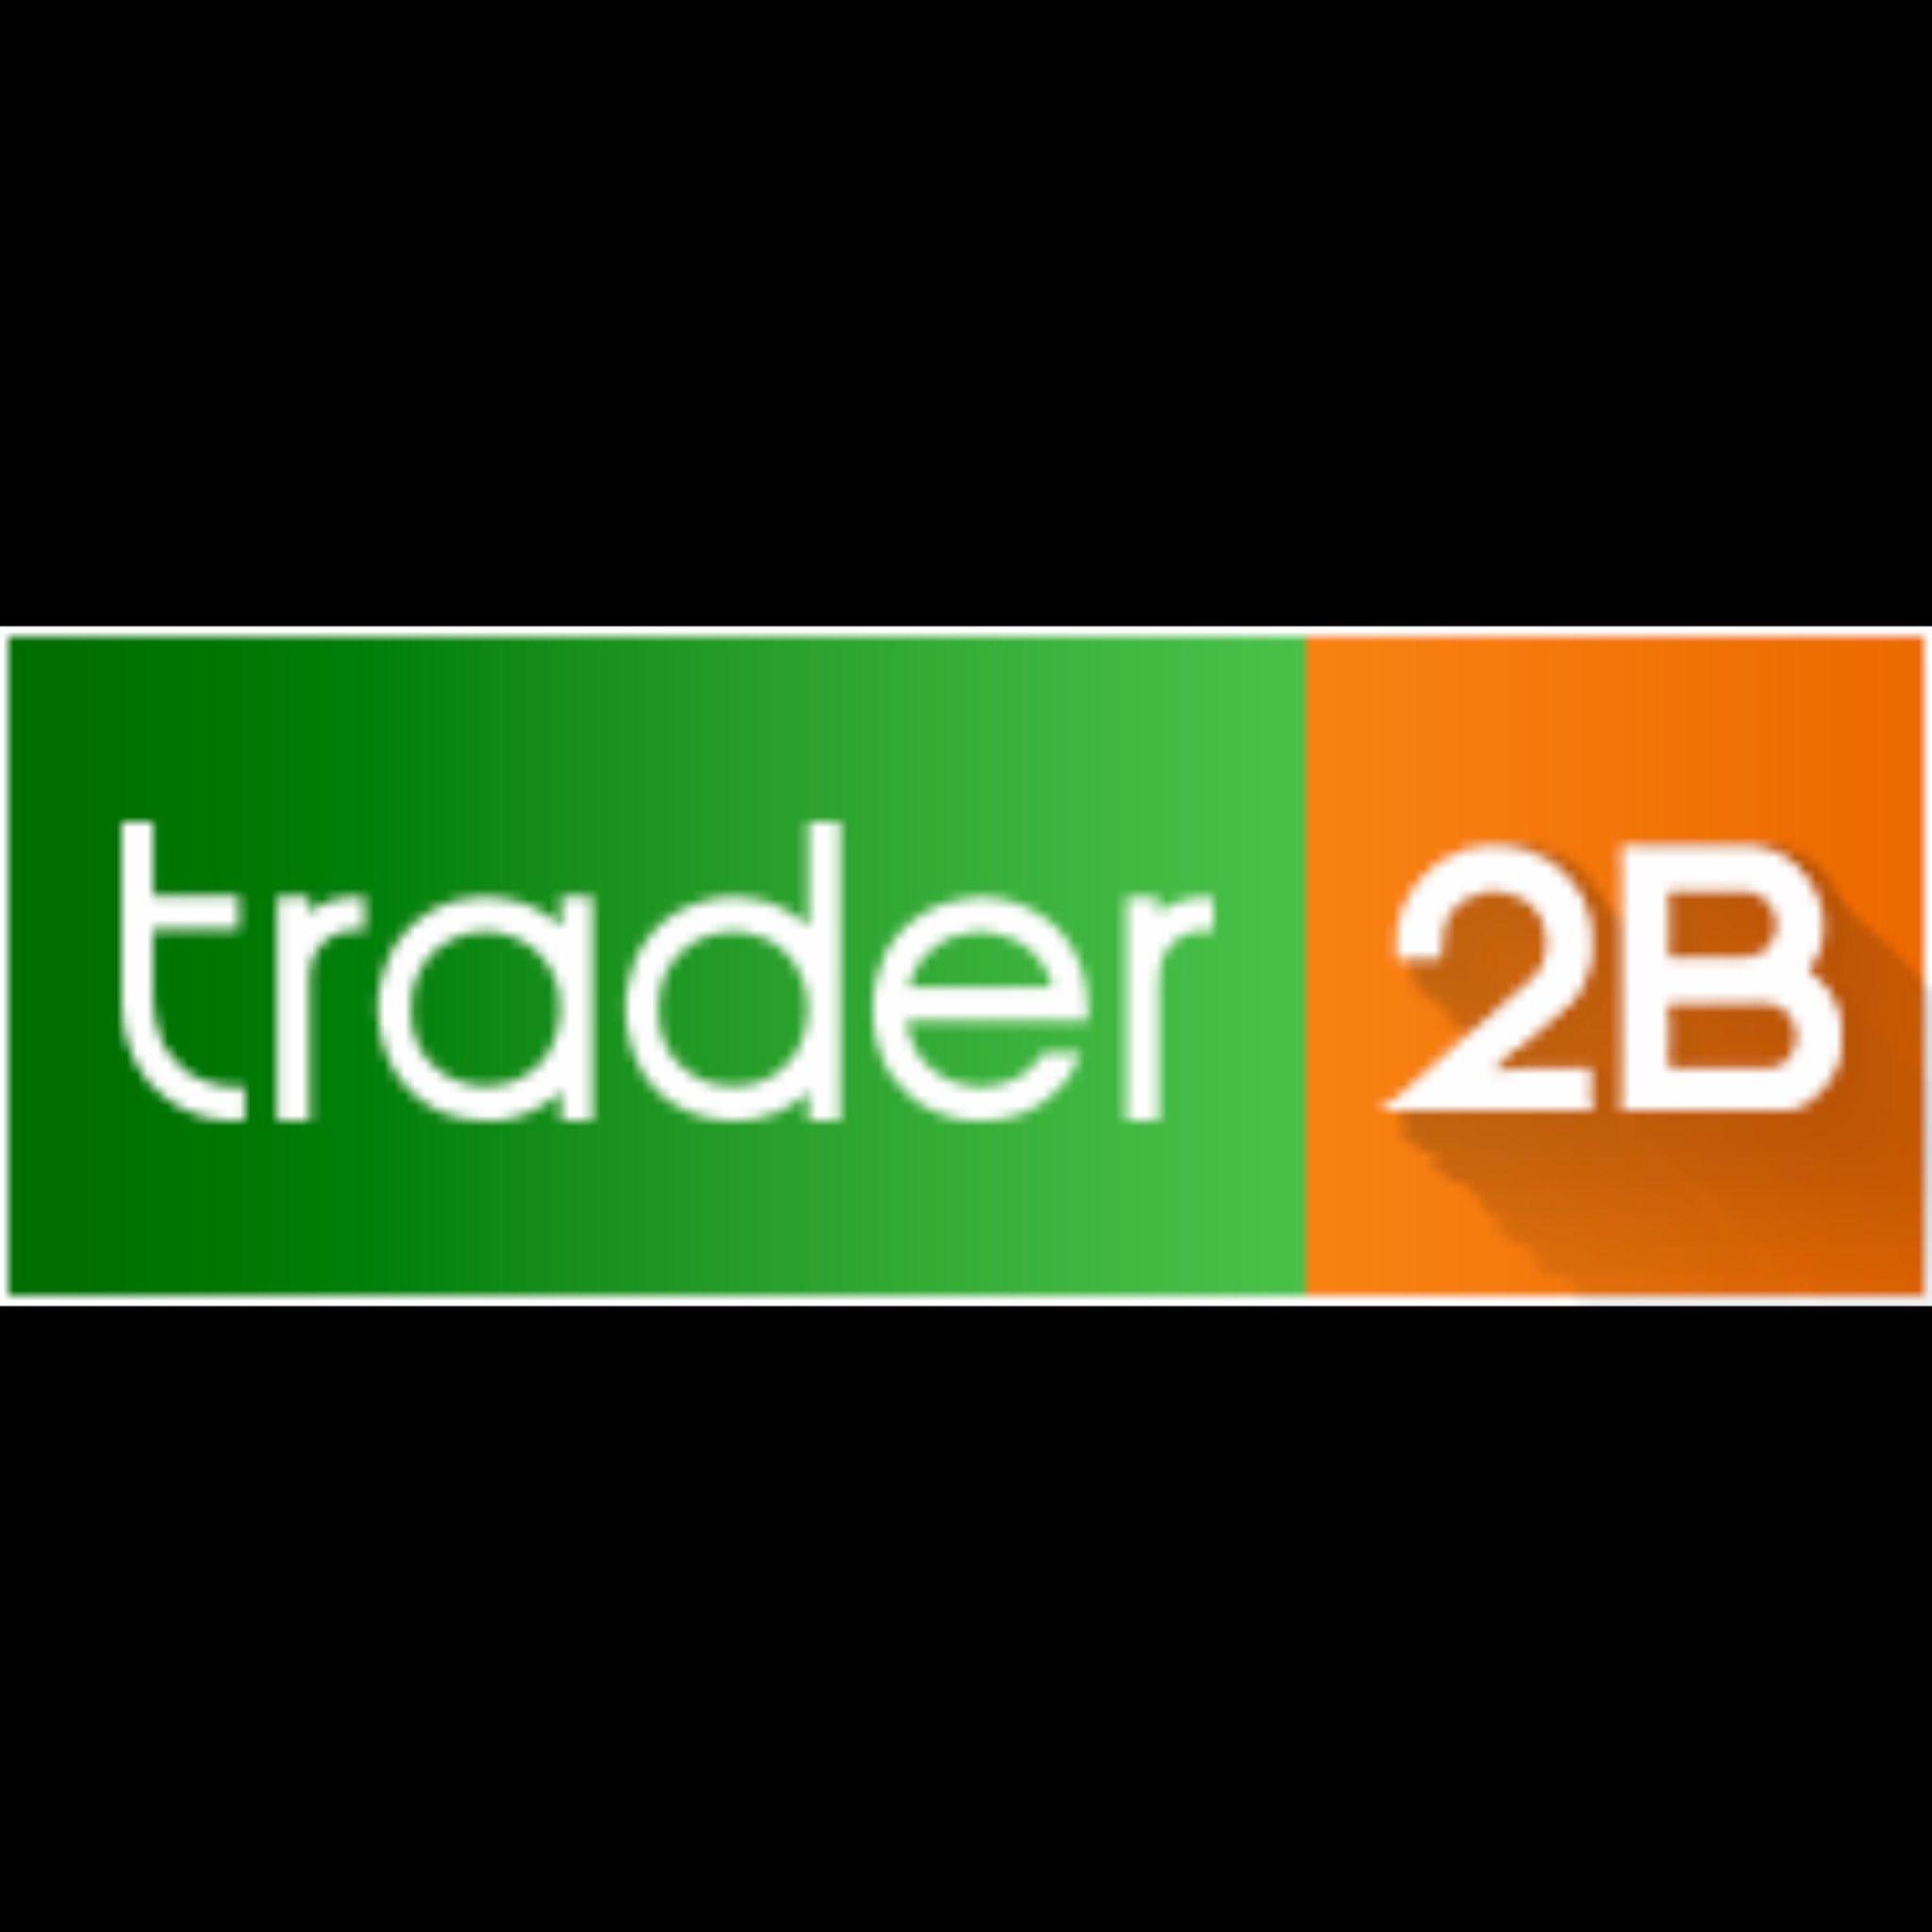 Trader2B